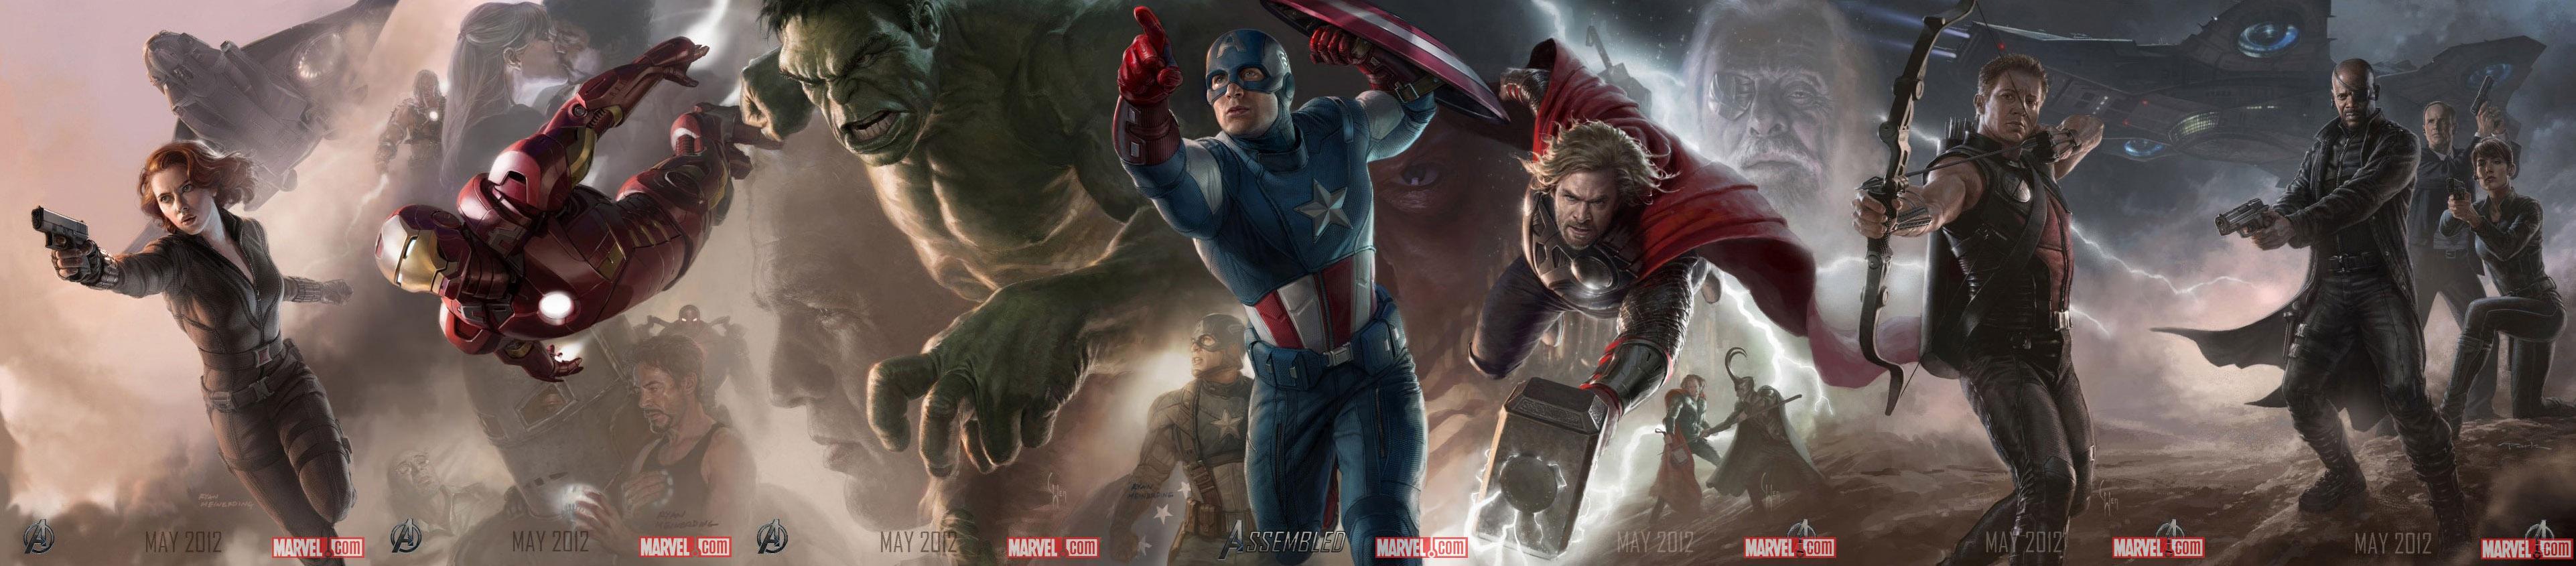 Постер к Мстителям - вся команда